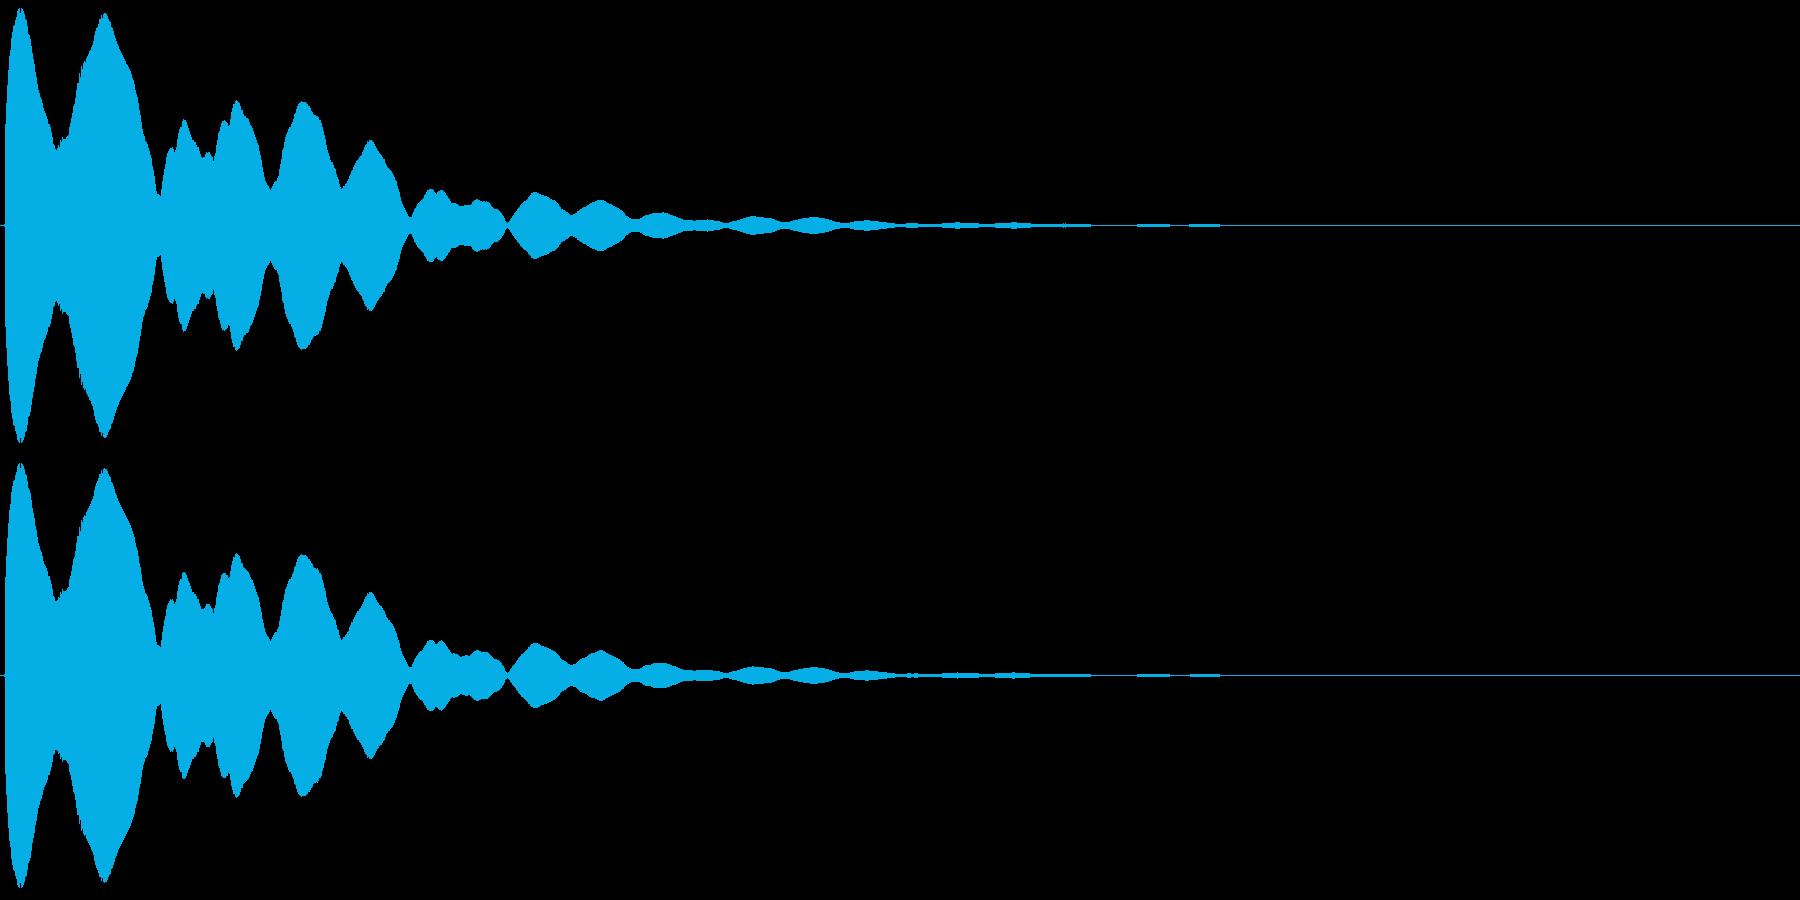 キュイン(飛ばされて星になる タイプ2)の再生済みの波形